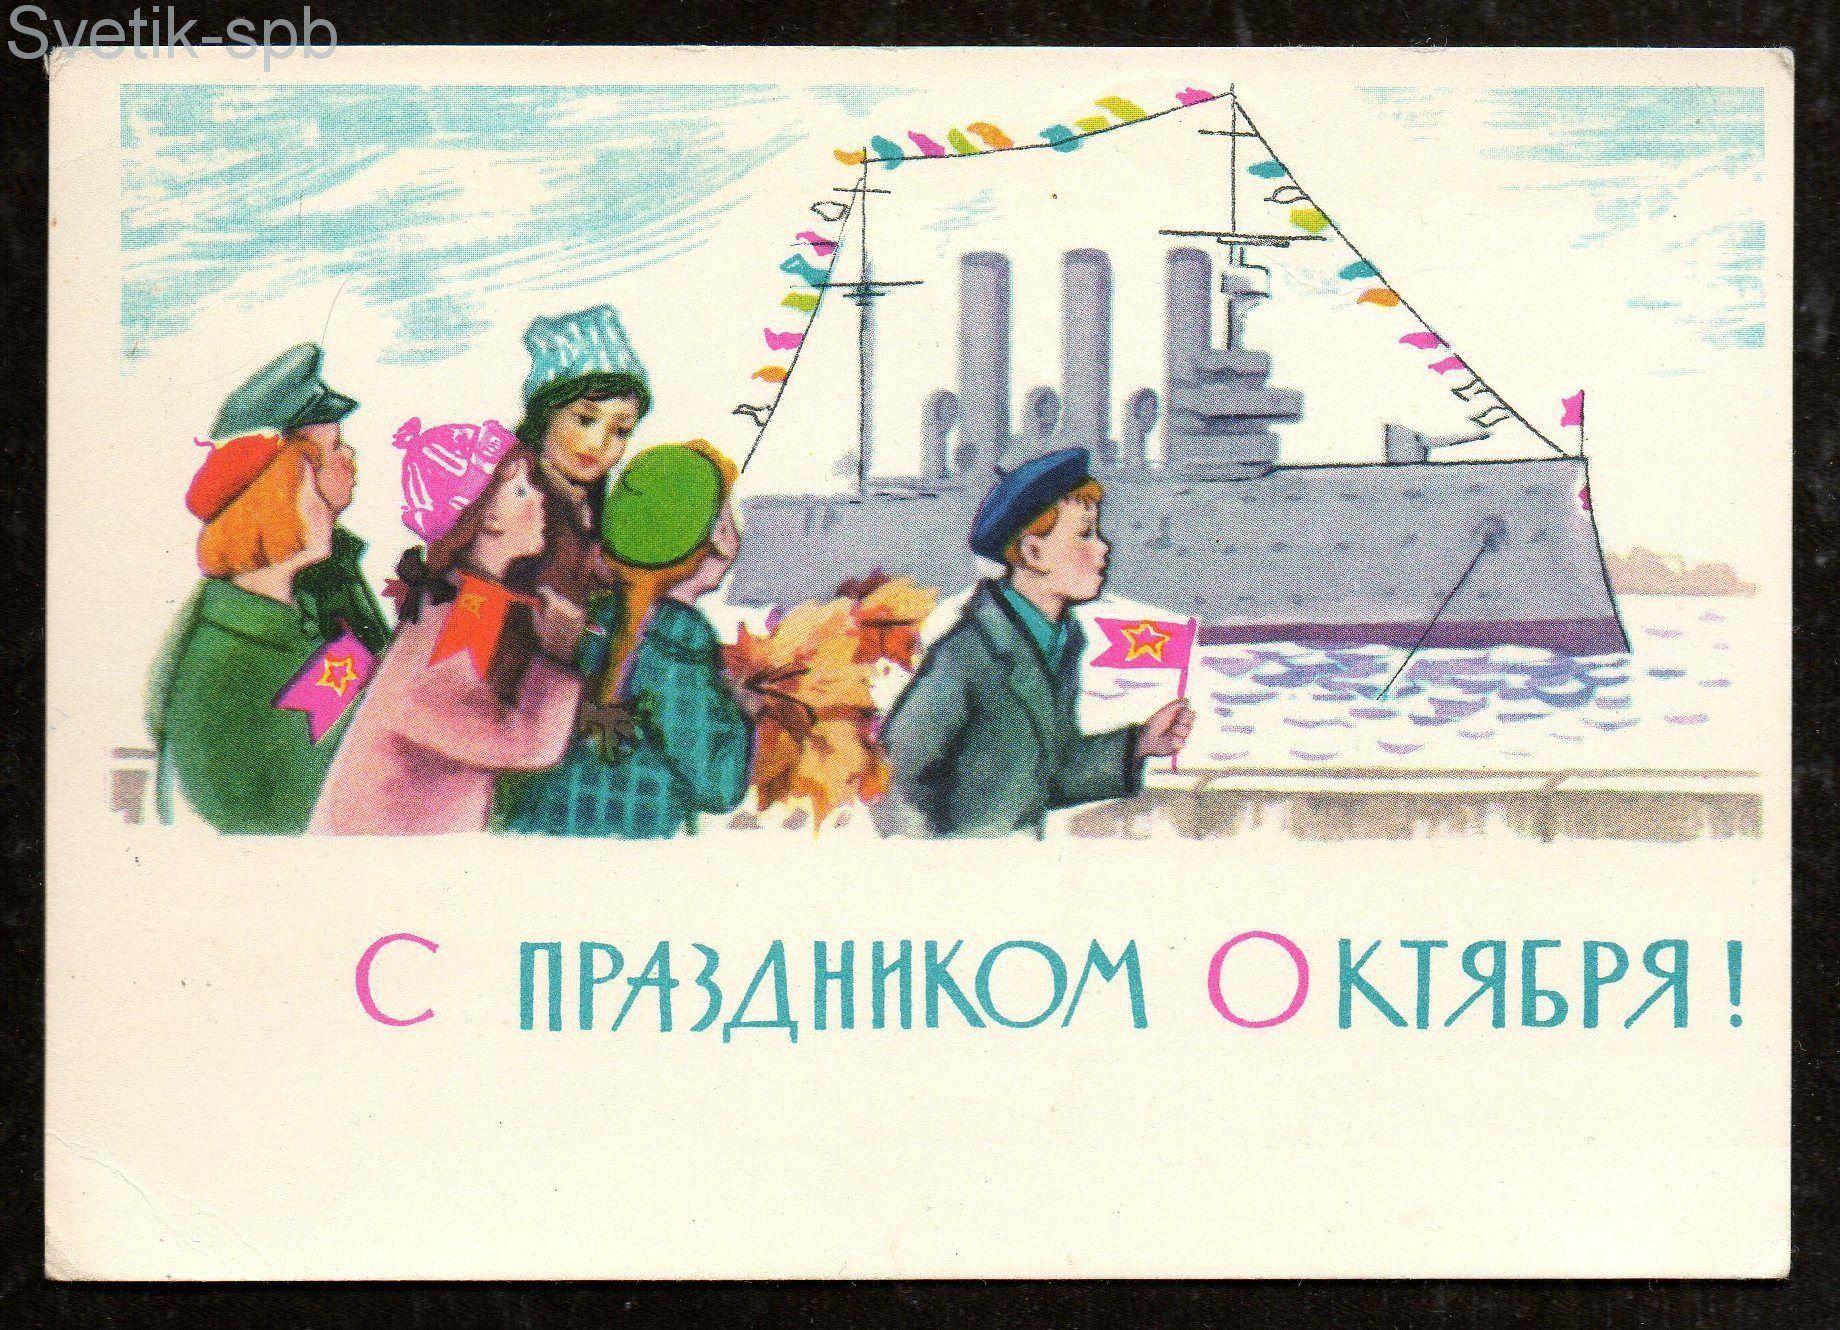 Можно пожелать, с праздником великого октября открытки прикольные